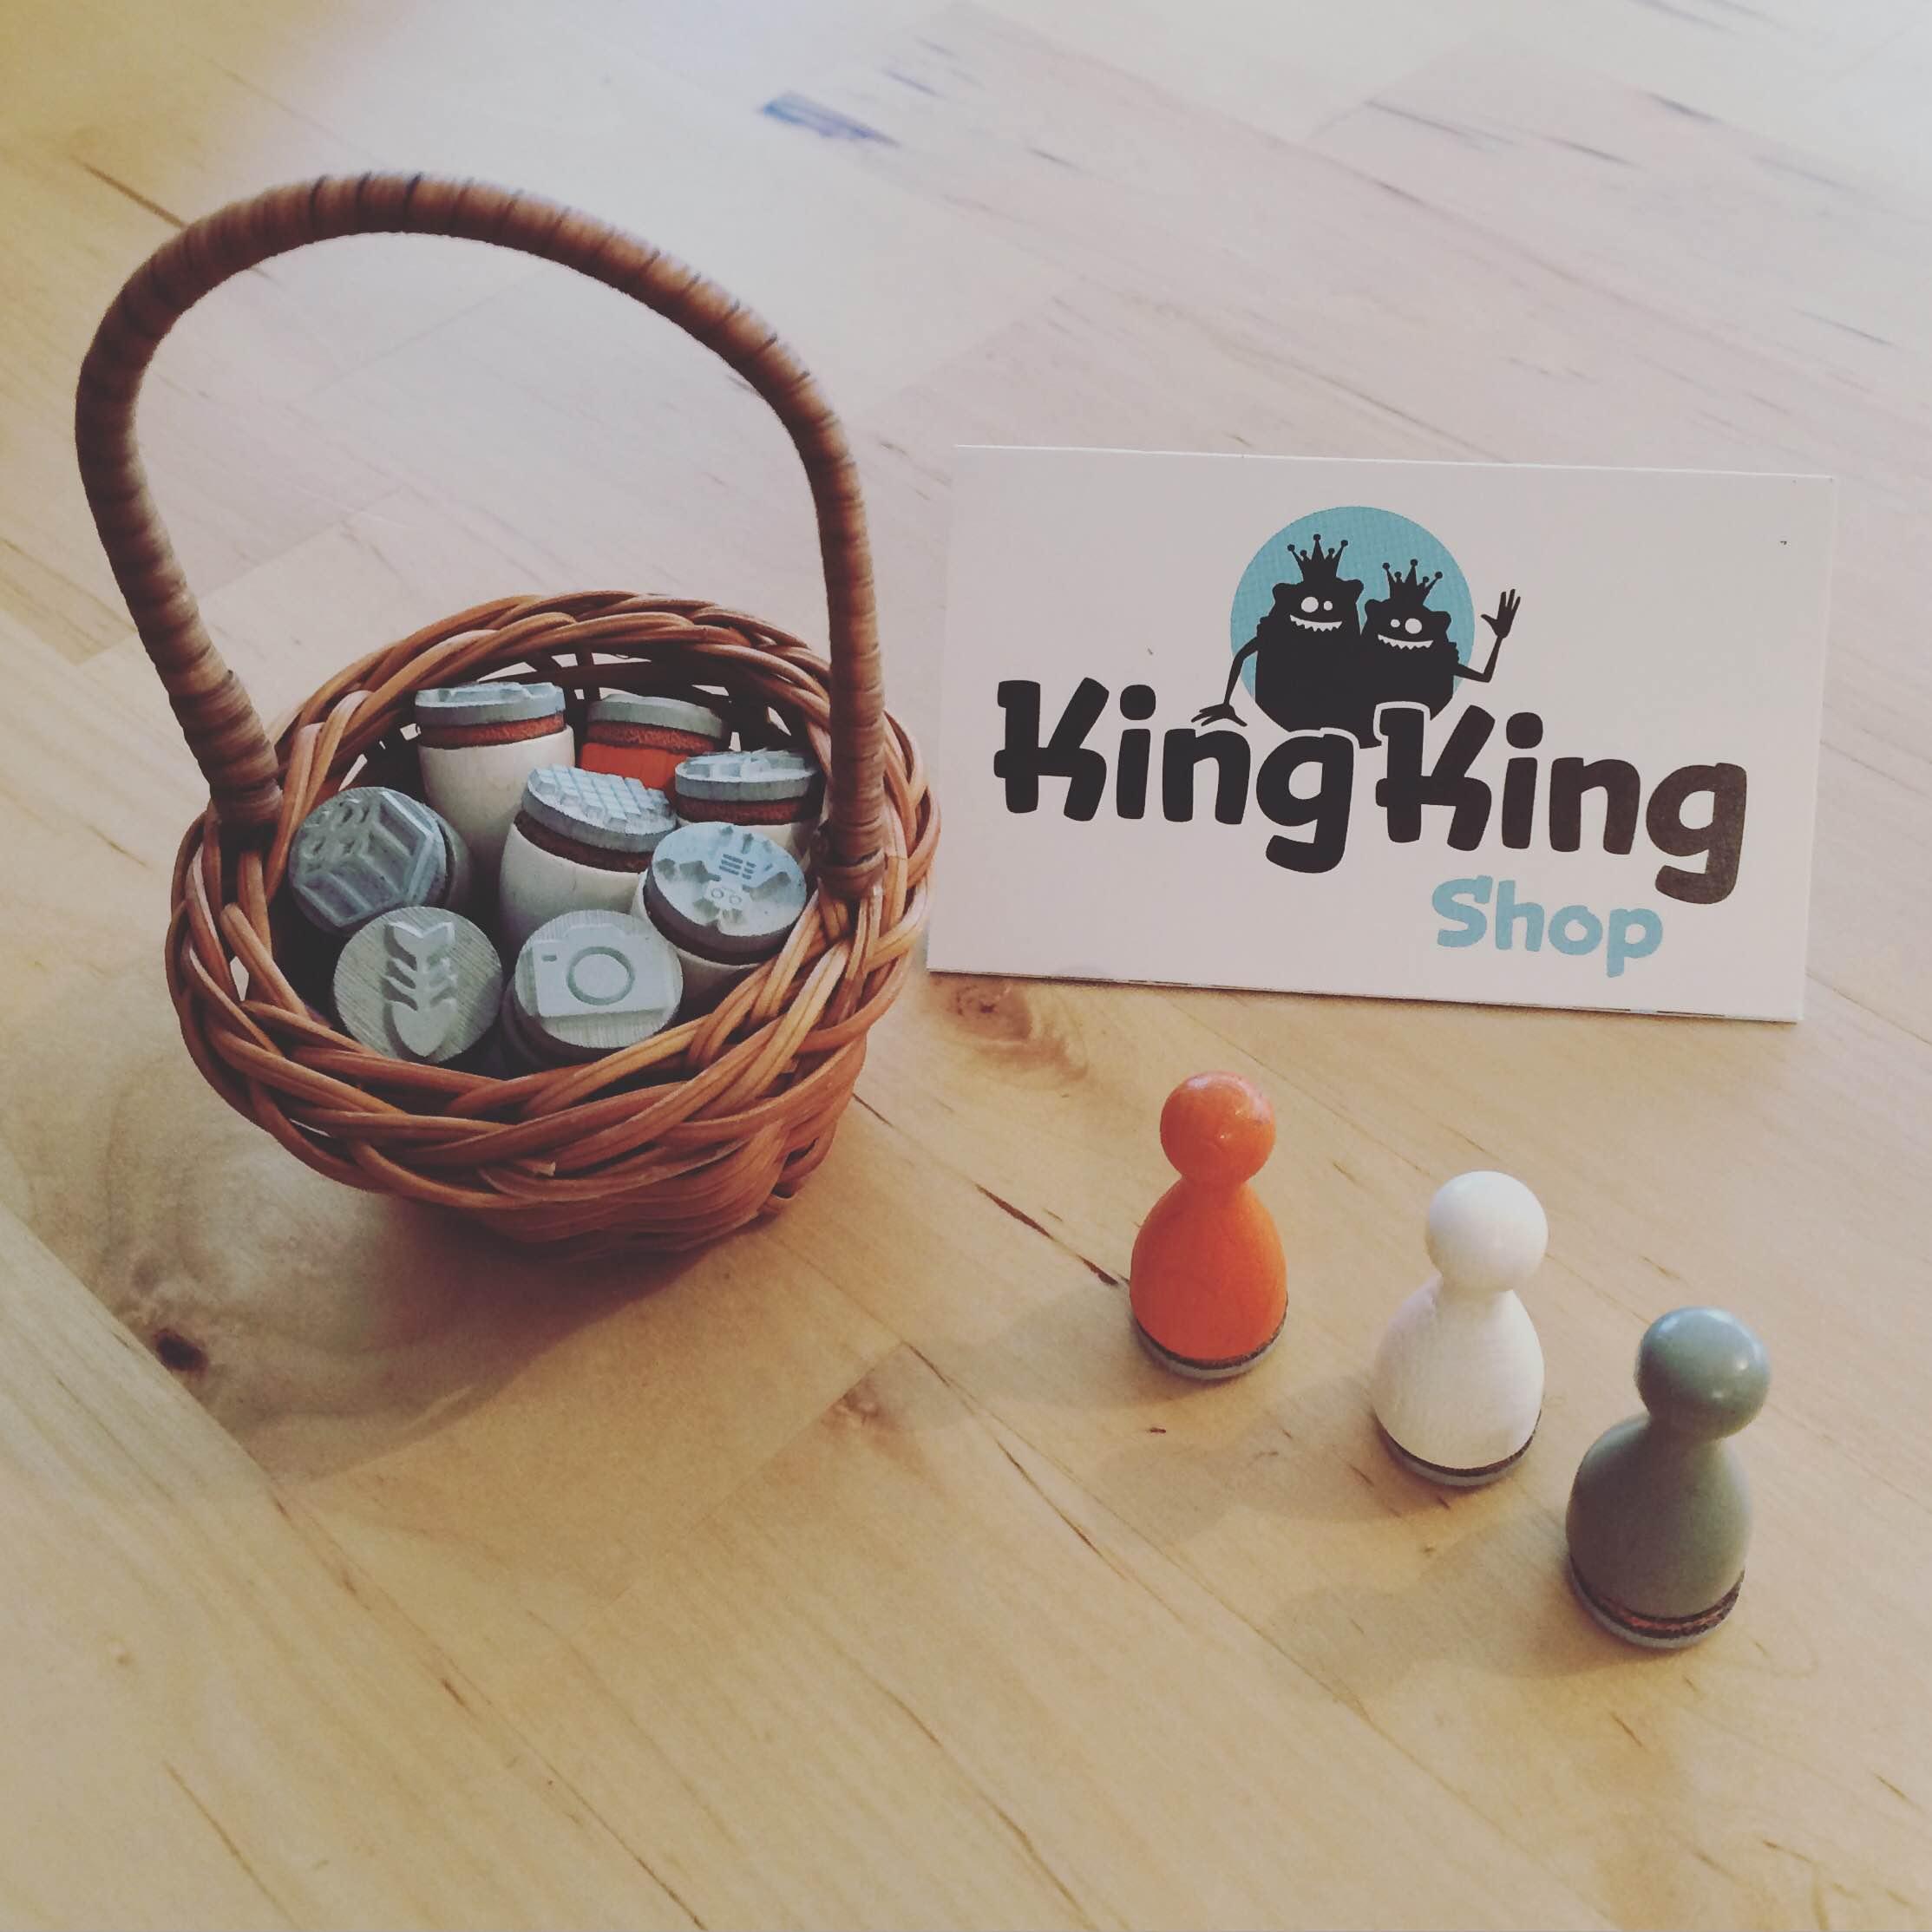 KingKing Shop Stamps